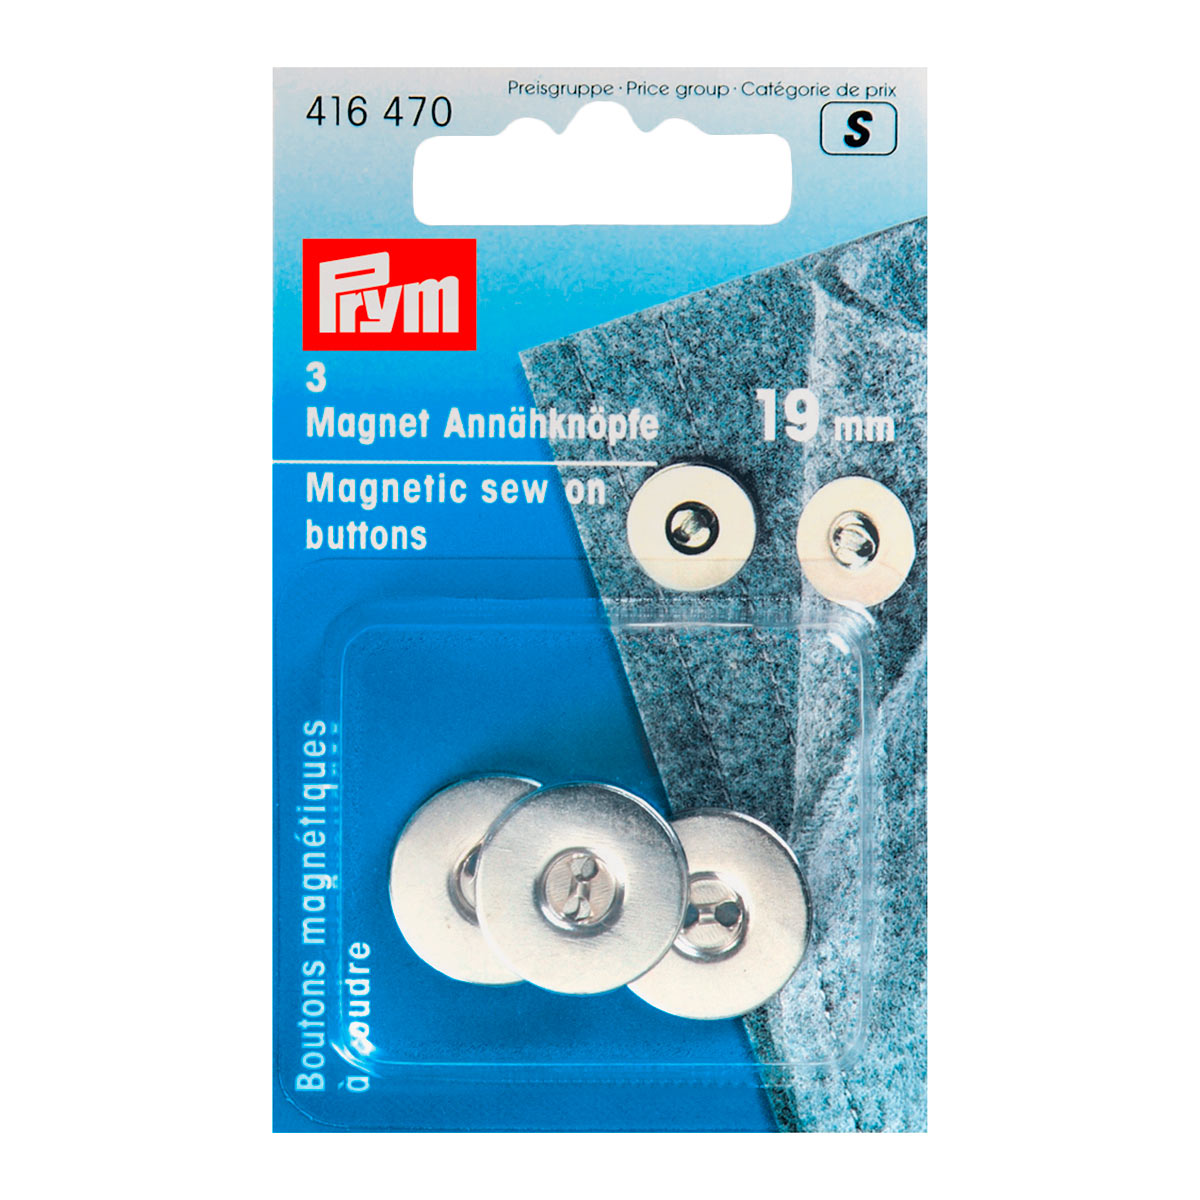 416470 Магнитные пуговицы, серебристый, 19 мм, упак./3 шт., Prym